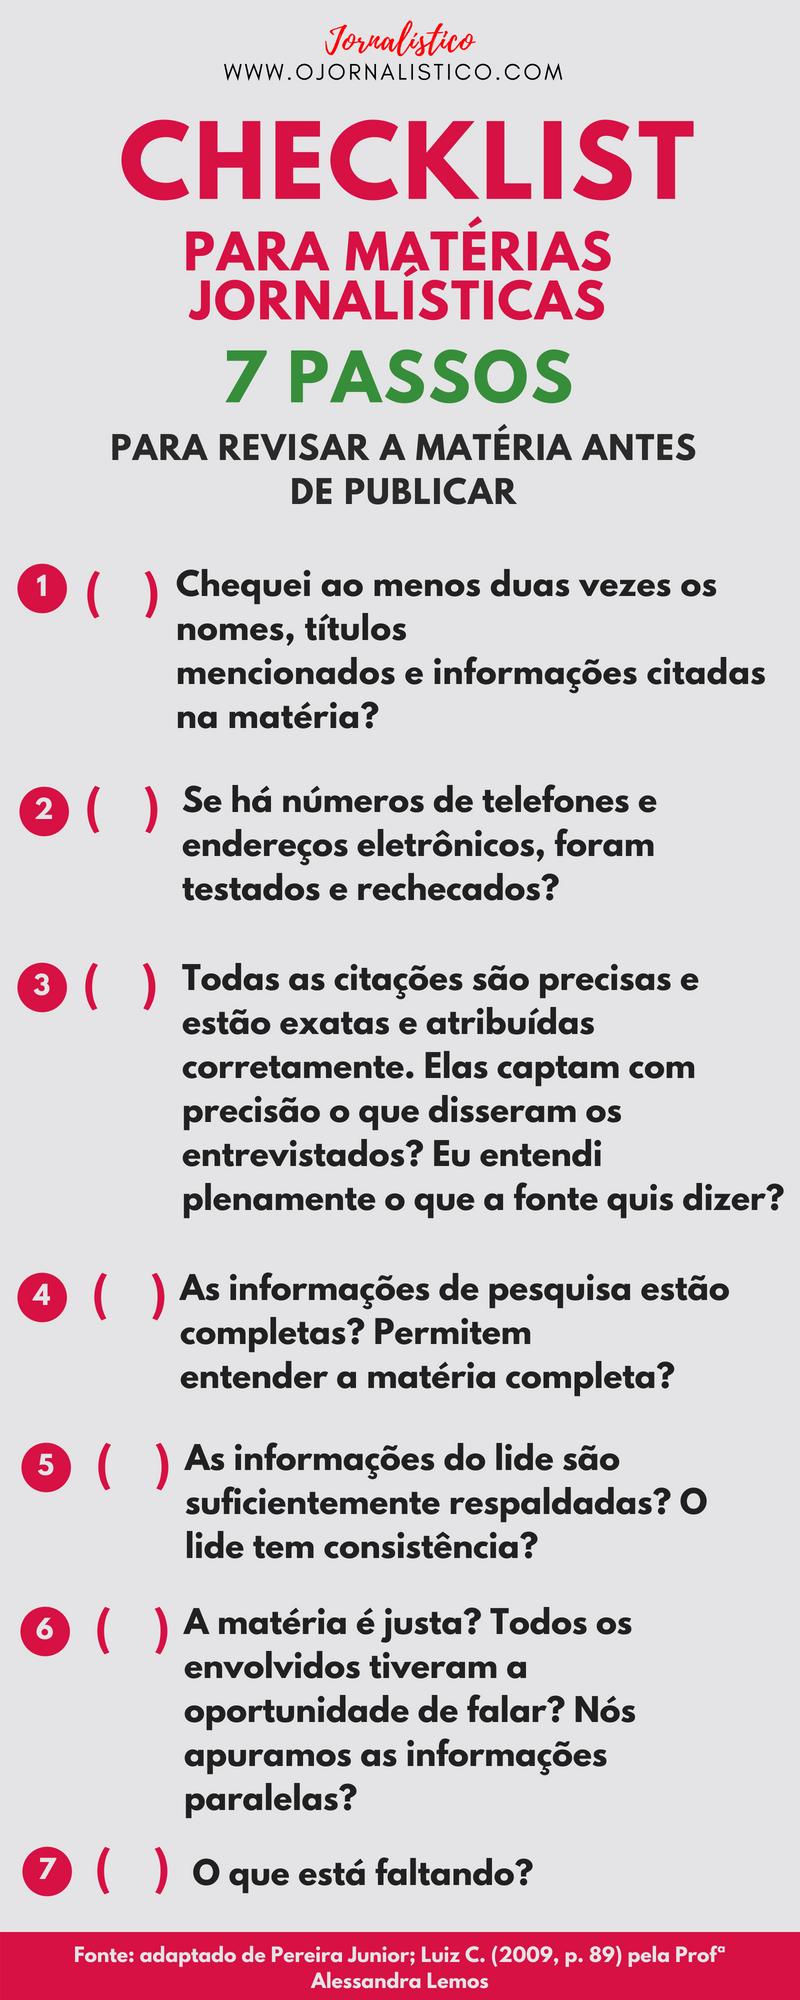 checklist para matérias jornalísticas 7 passos para revisar a matéria jornalística